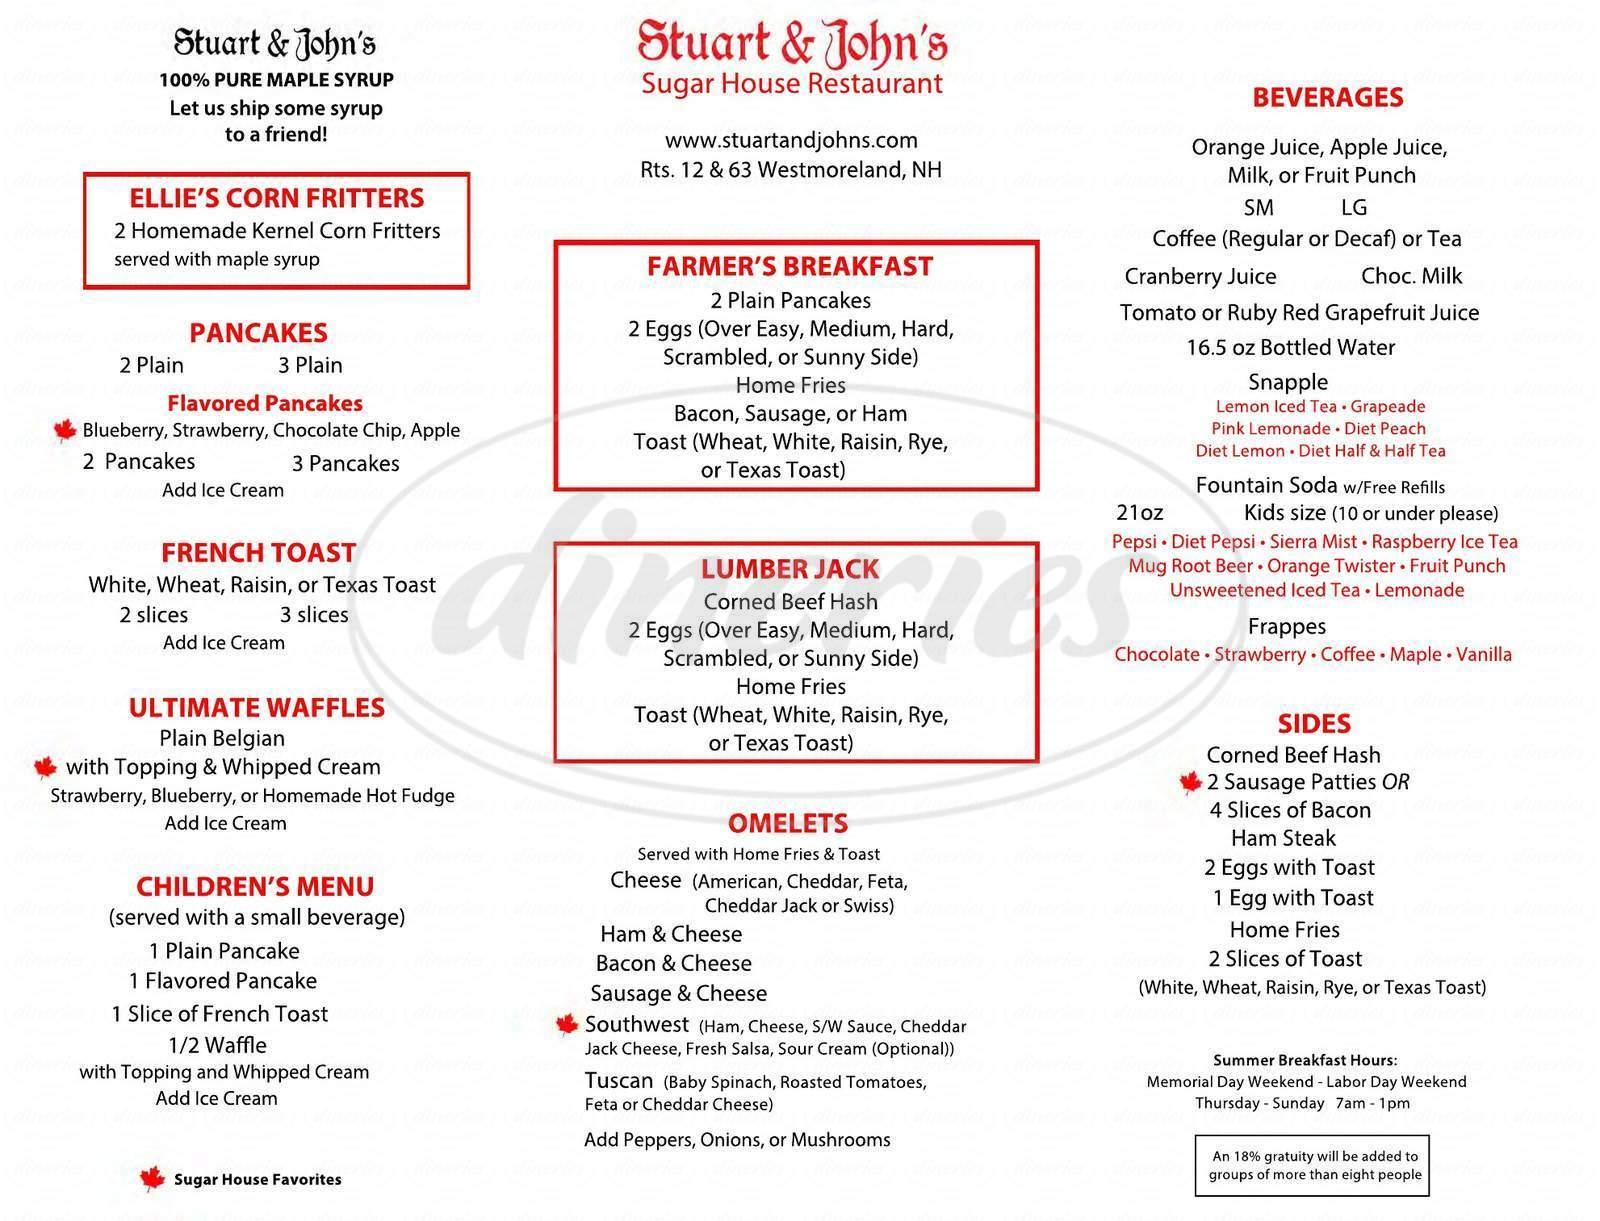 menu for Stuart & John's Sugar House